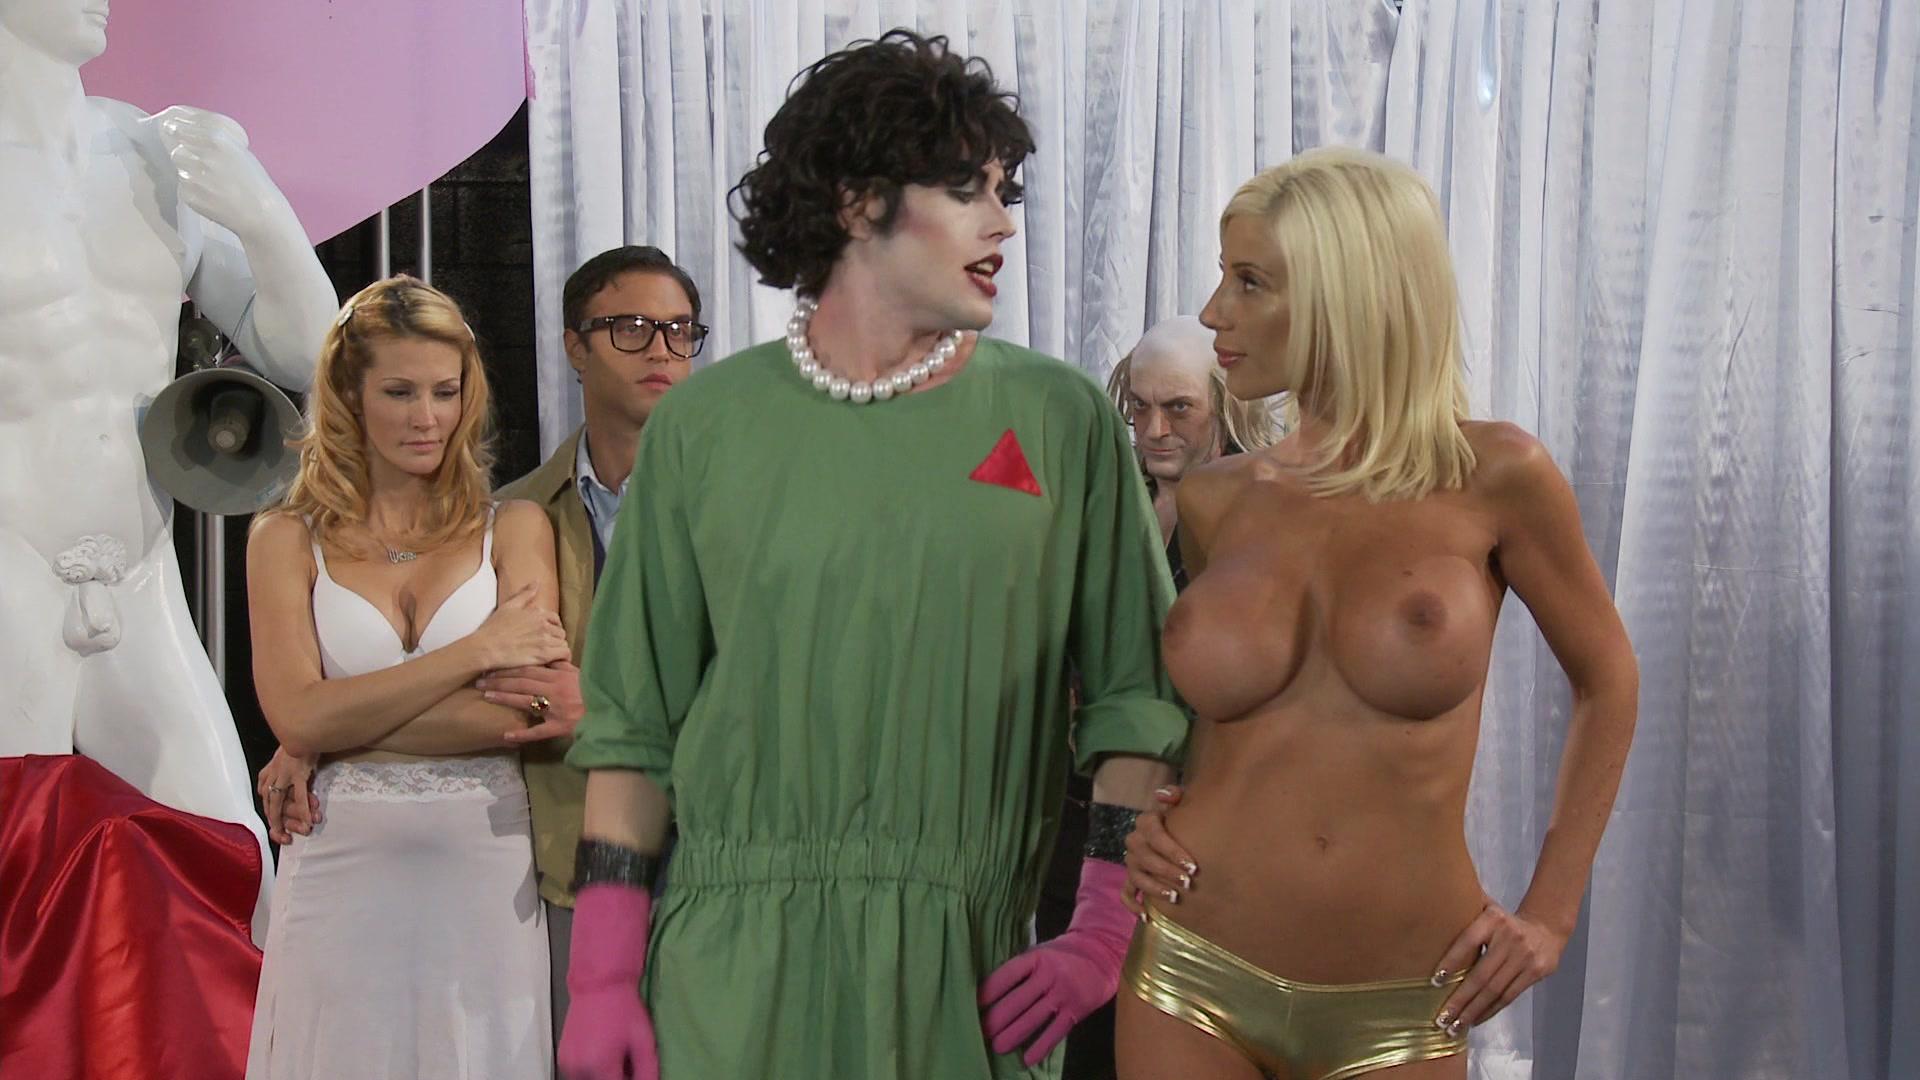 Nude spread gif